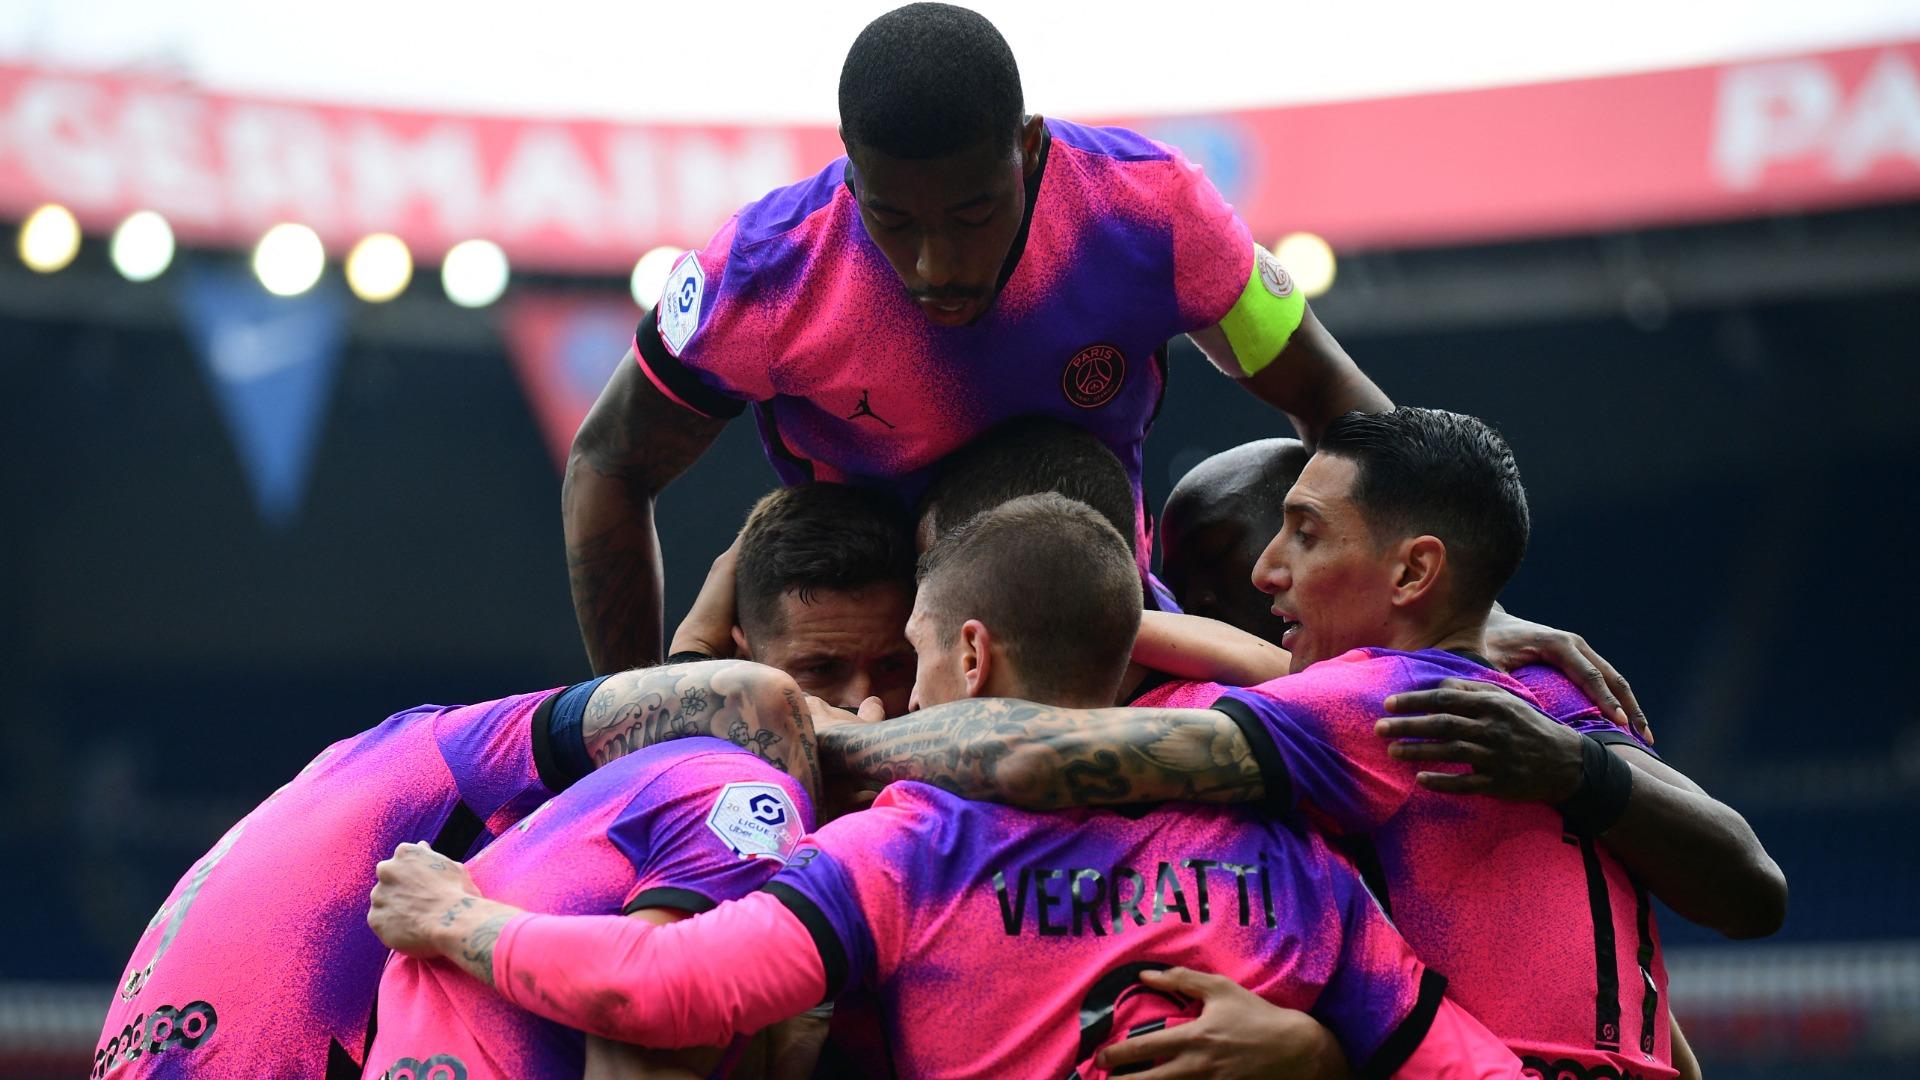 Paris Saint-Germain 3-2 Saint-Etienne: Icardi heads 95th-minute winner in frenetic five-goal finale